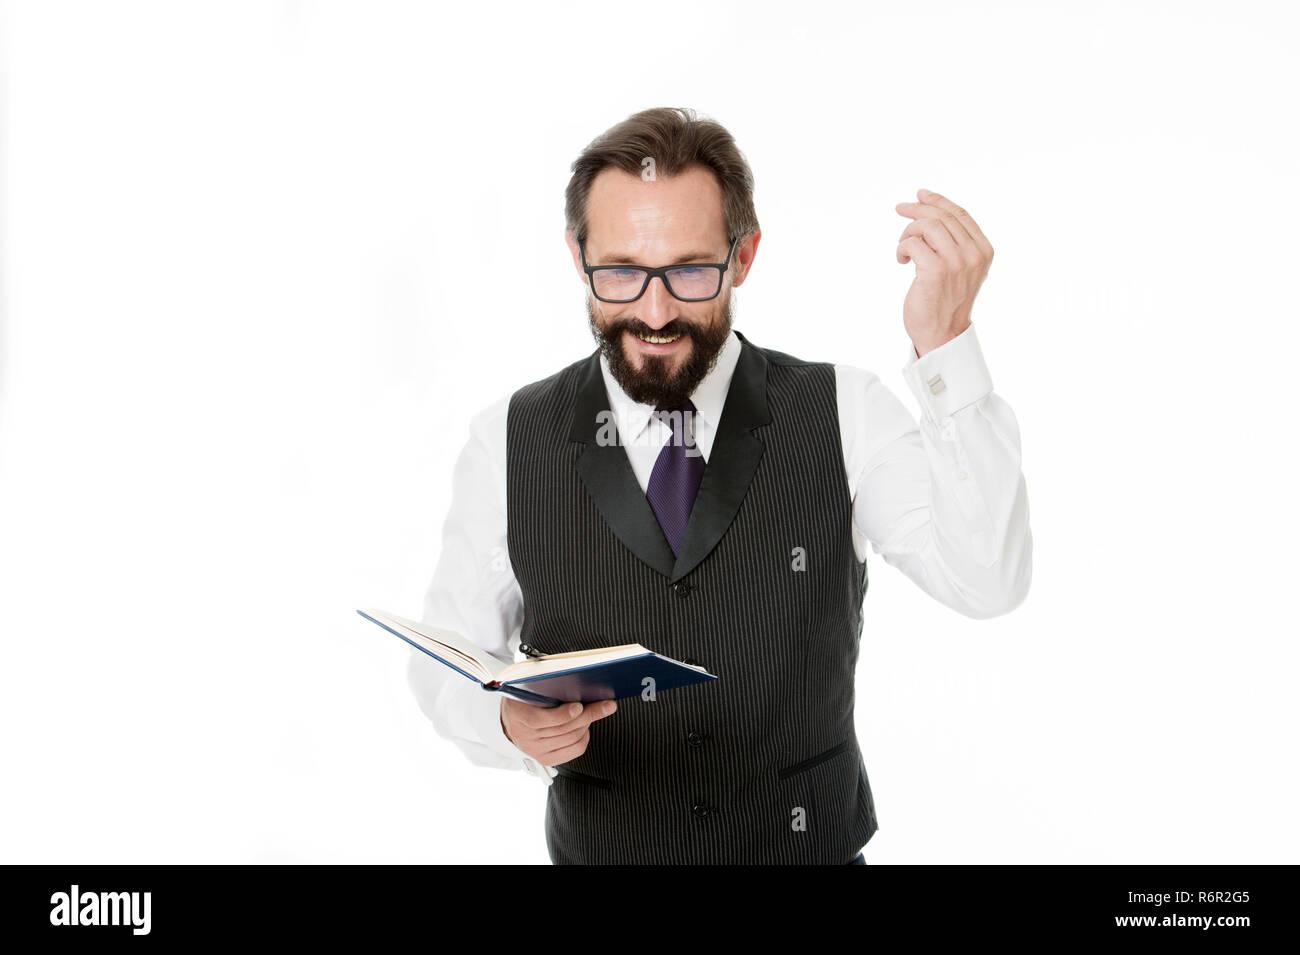 Erfolgreicher Geschäftsmann motivationale inspirierende Rede erstellen Sie isolierte Weiß. Geschäftsmann planning Business Plan mit dem Notepad. Motivierende Literatur konzept. Man bärtige manager Plan erstellen. Stockbild